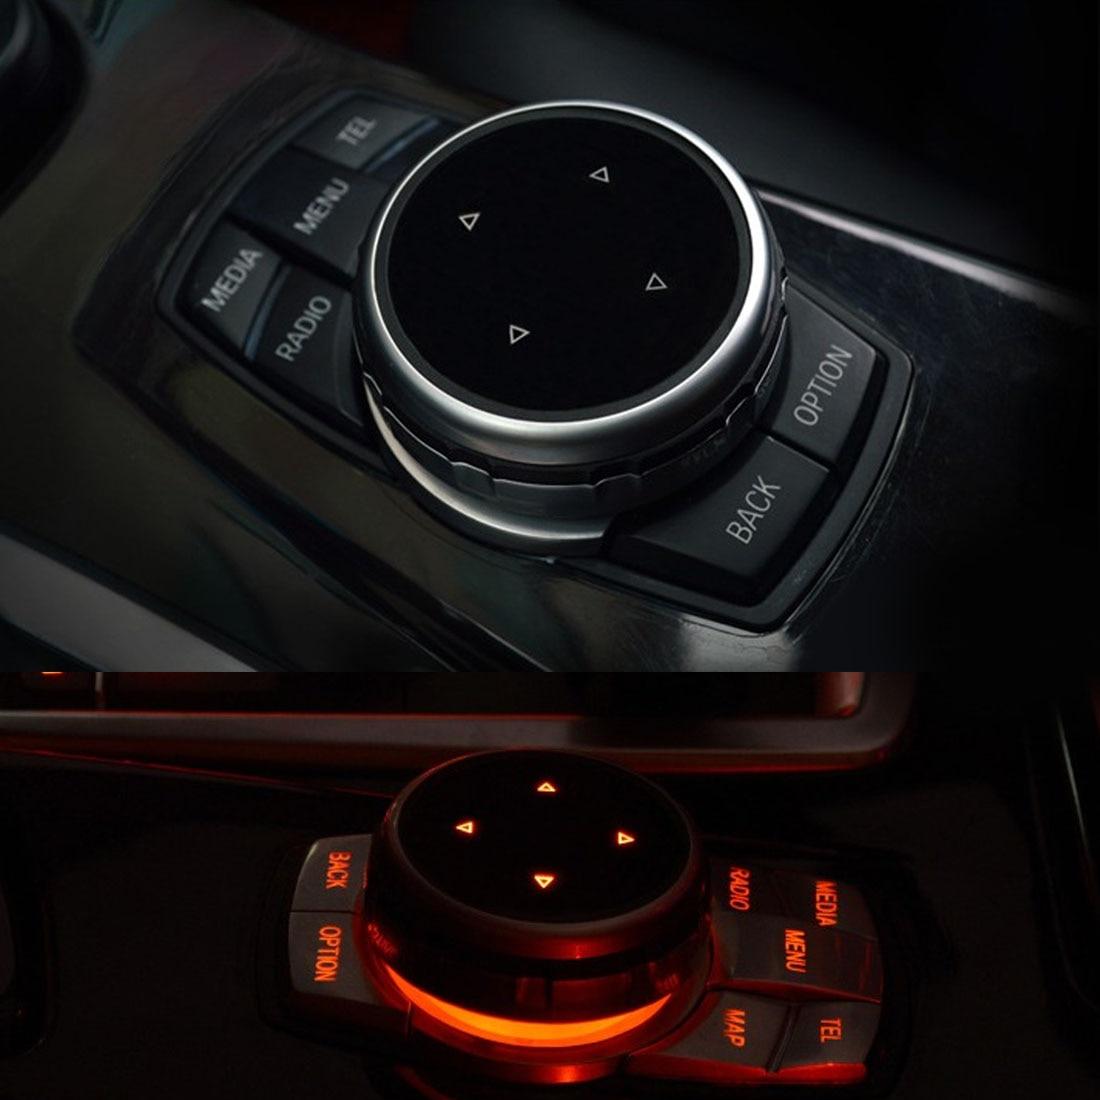 IDrive Dewtreetali Multimídia Carro Botões Tampa M Emblema Adesivos para BMW X1 X3 X5 X6 E60 E90 F10 F11 F18 F16 F15 F25 F30 E61